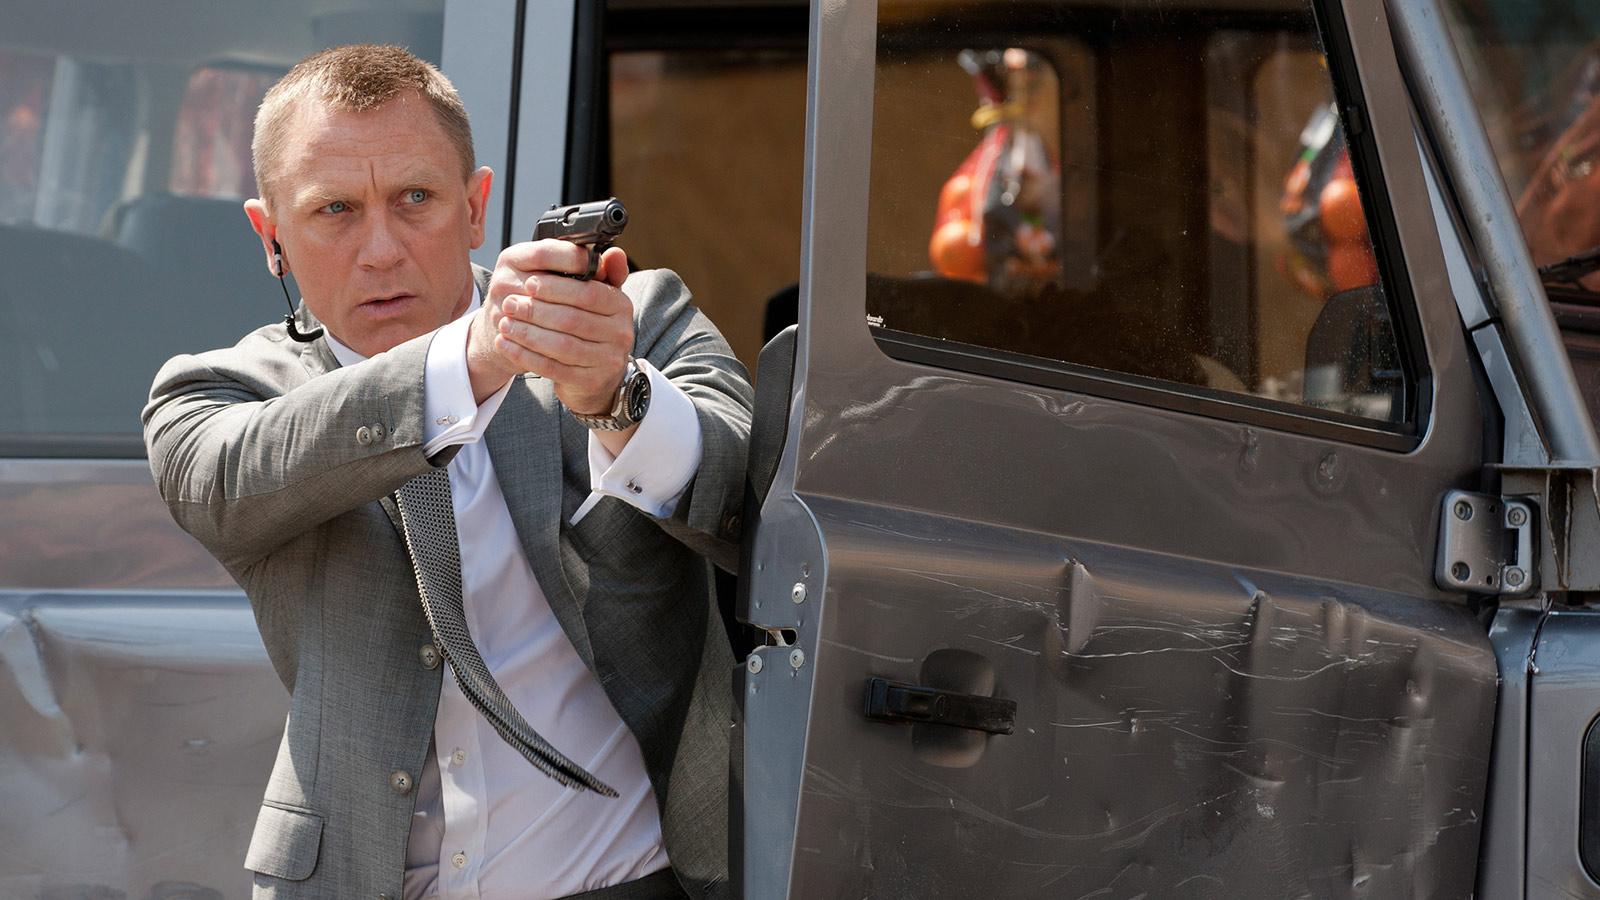 盘点欧米茄与007结下的20年不解之缘